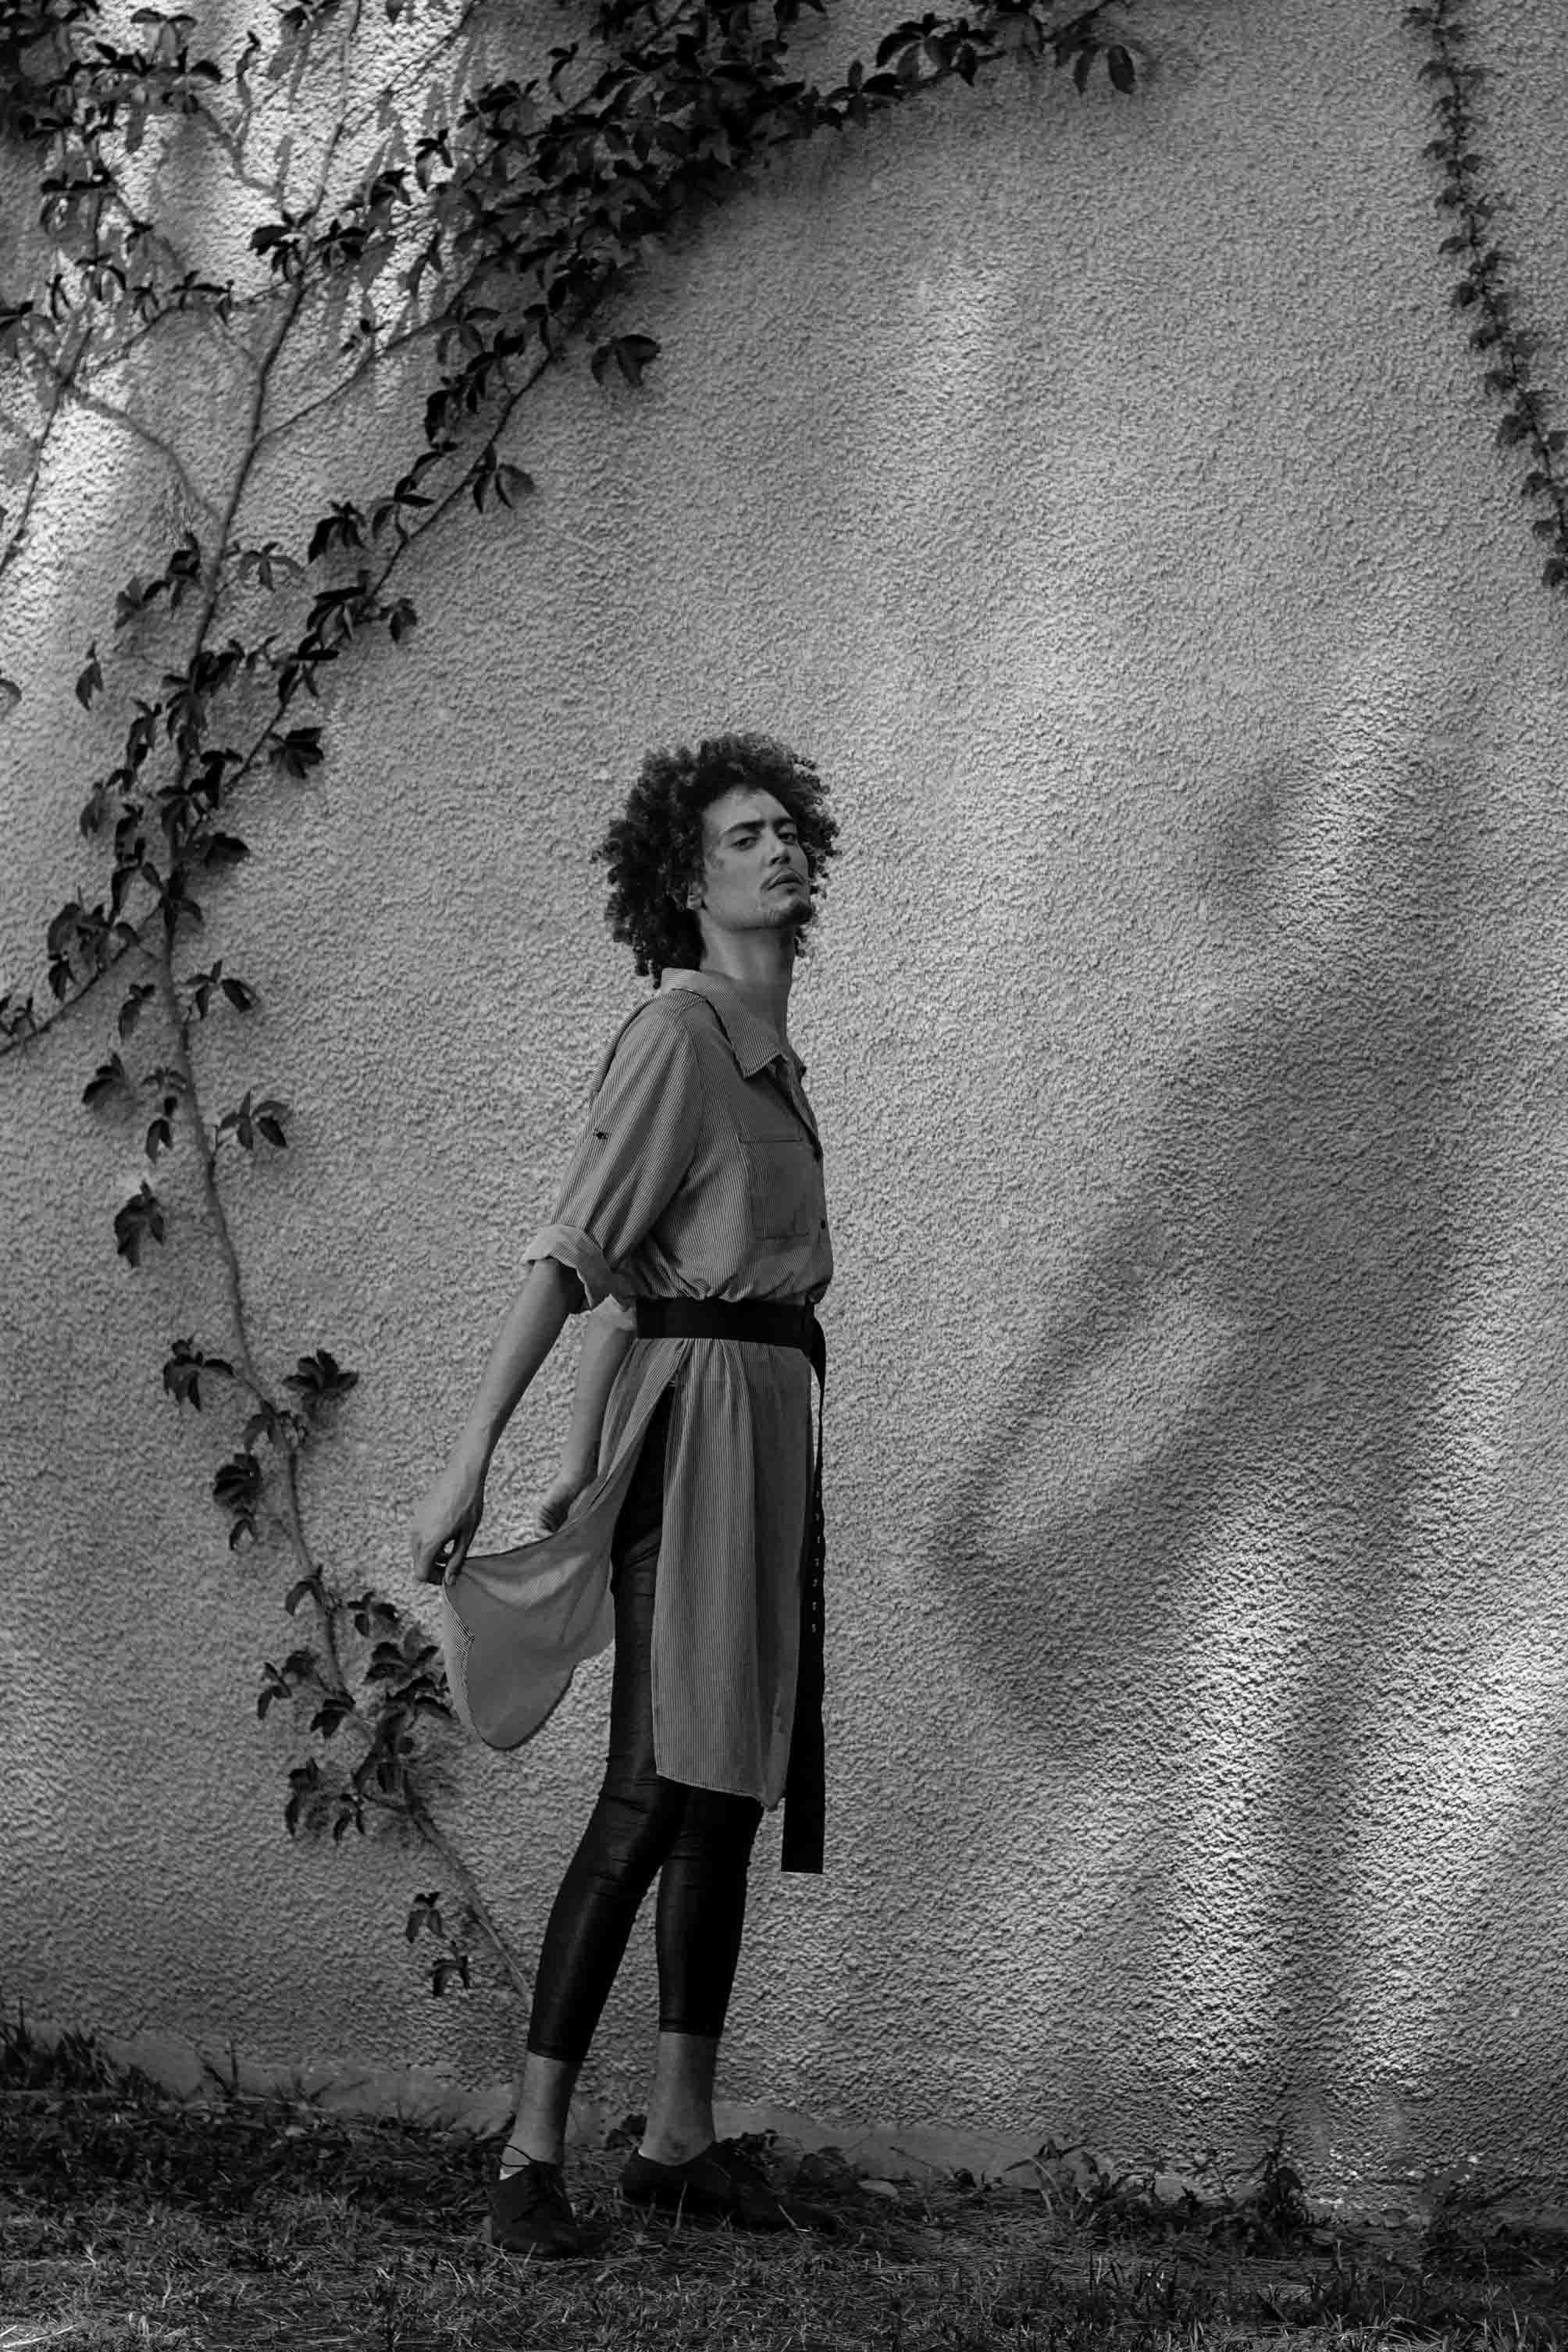 טוניקה משבצות גולברי נשים ,טייץ ארקטה , נעליים דוקטור מרטינס אוסף פרטי , טיץ שחור ארקטה , כפכפים אדידס , שגיא לירן, sagi liran - 7 Fashion Israel - 2020 חדשות אופנה 2020, כתבות אופנה 2020, טרנדים 2020, מגזין אופנה ישראלי, אופנה -